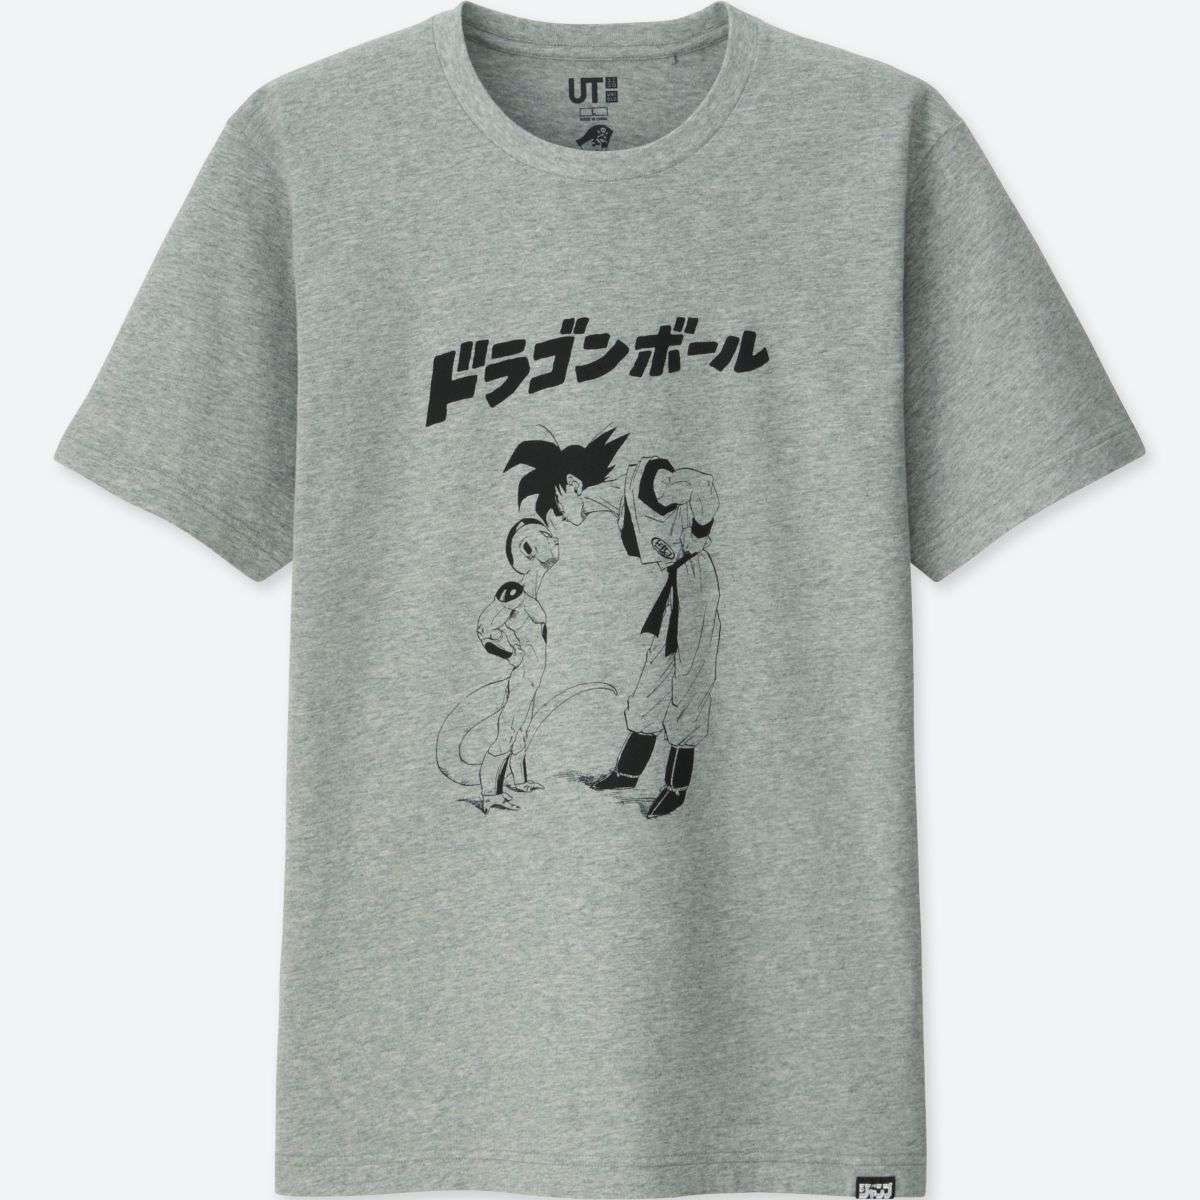 TSHIRT (DRAGON BALL) Shirts, Cool t shirts, Uniqlo